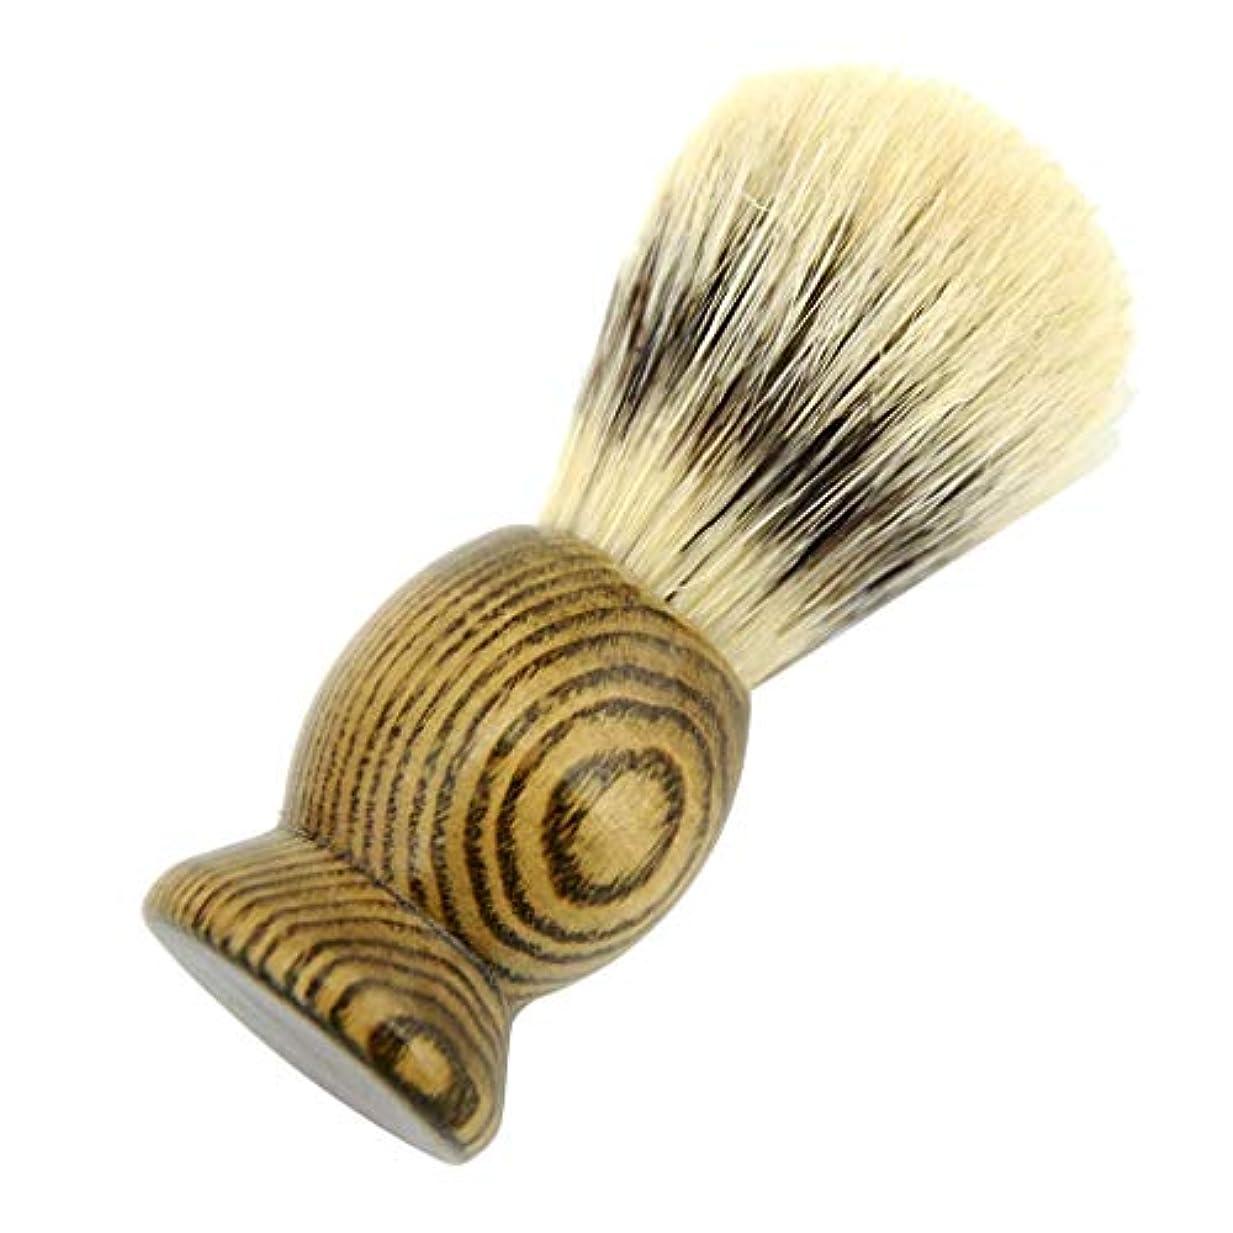 ホース介入する区別sharprepublic ひげブラシ メンズ シェービングブラシ 髭剃り 理容 洗顔 ポータブルひげ剃り美容ツール